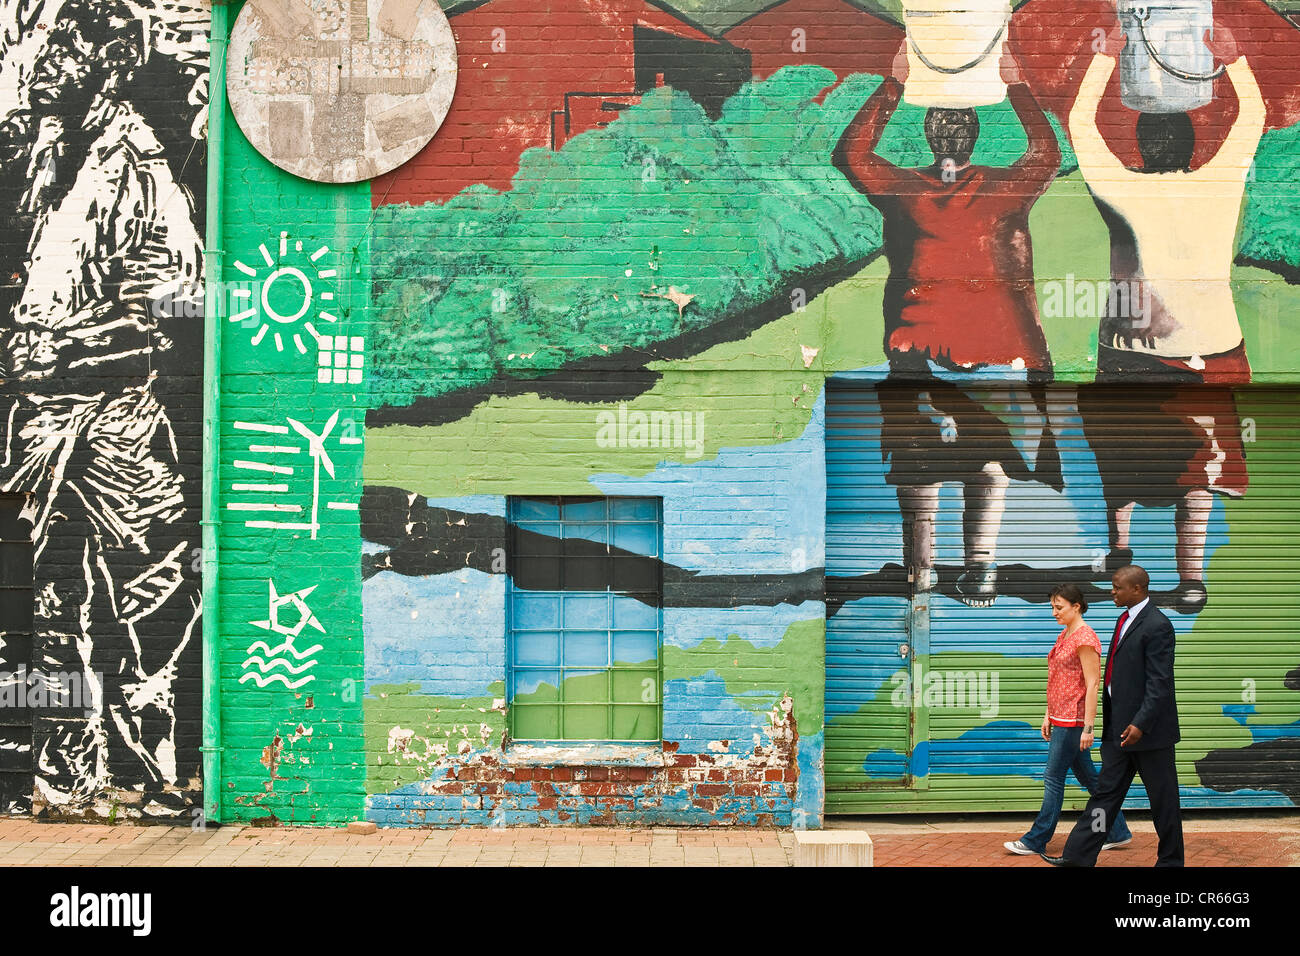 Südafrika, Provinz Gauteng, Johannesburg, einheimischen vor einer bemalten Wand Stockbild